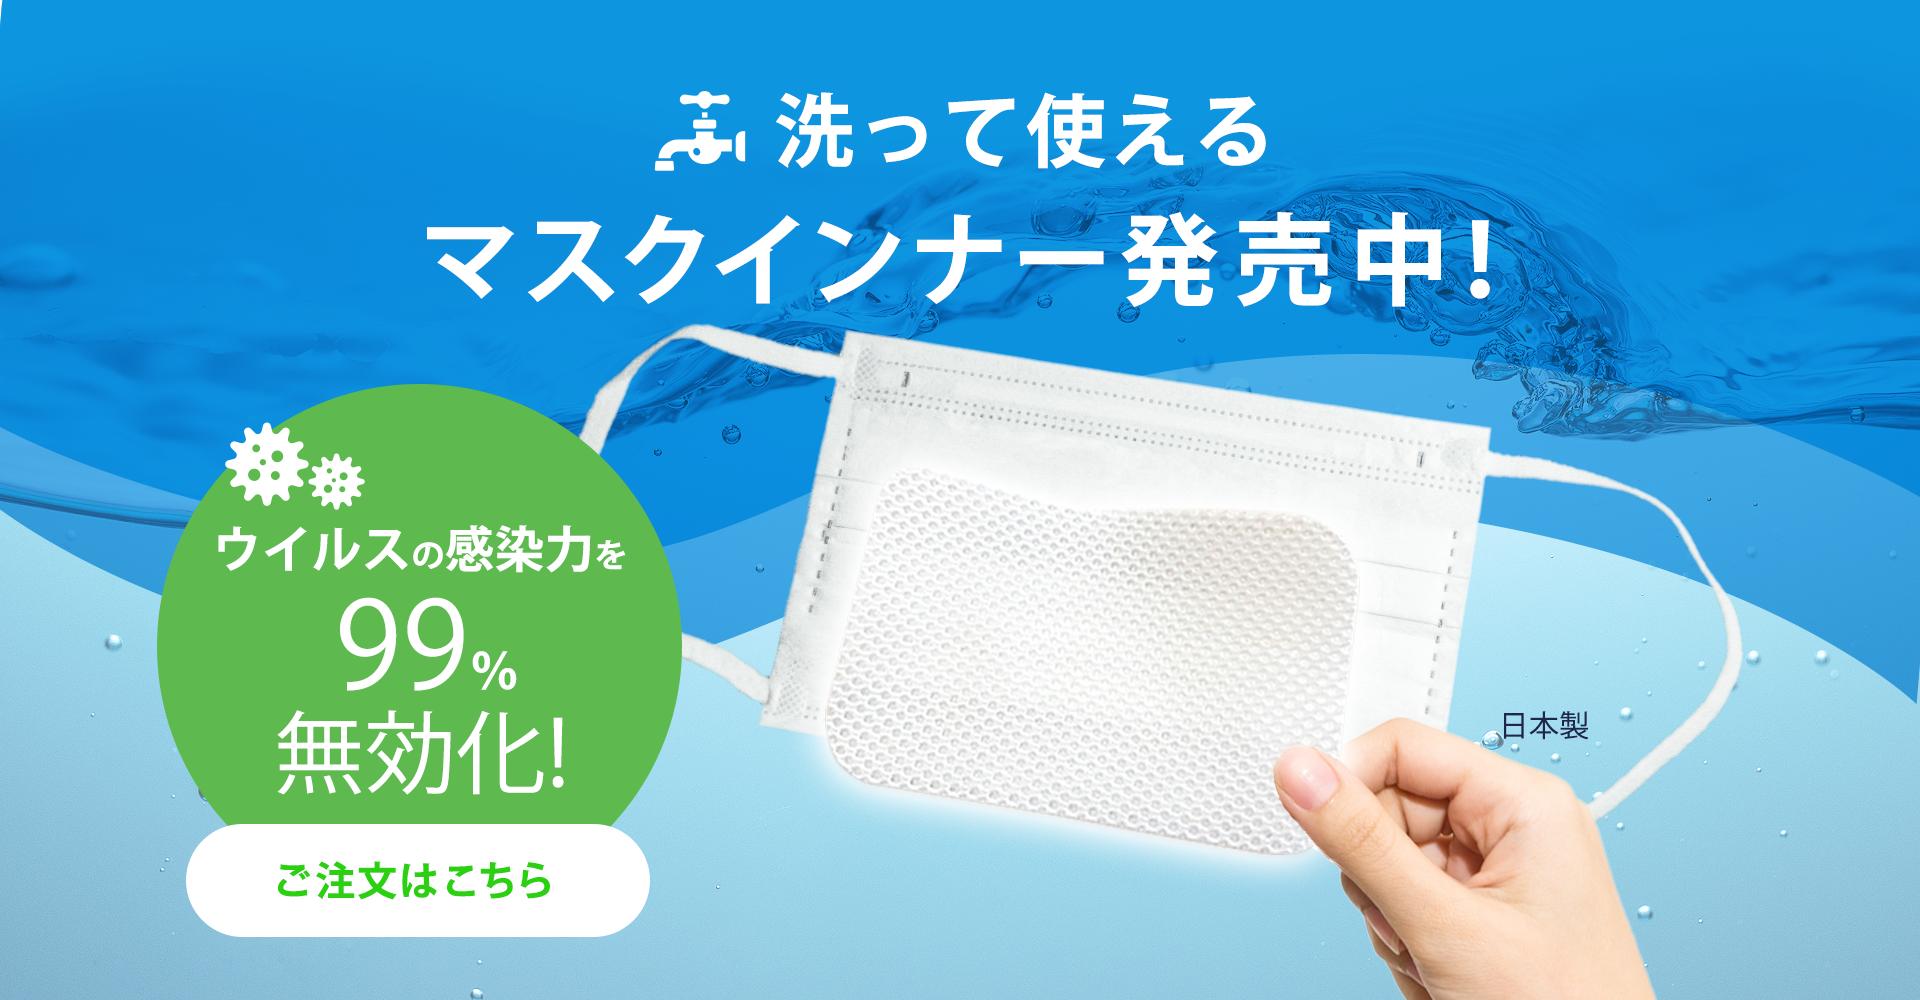 株式 マスク 会社 マテーレ 小松